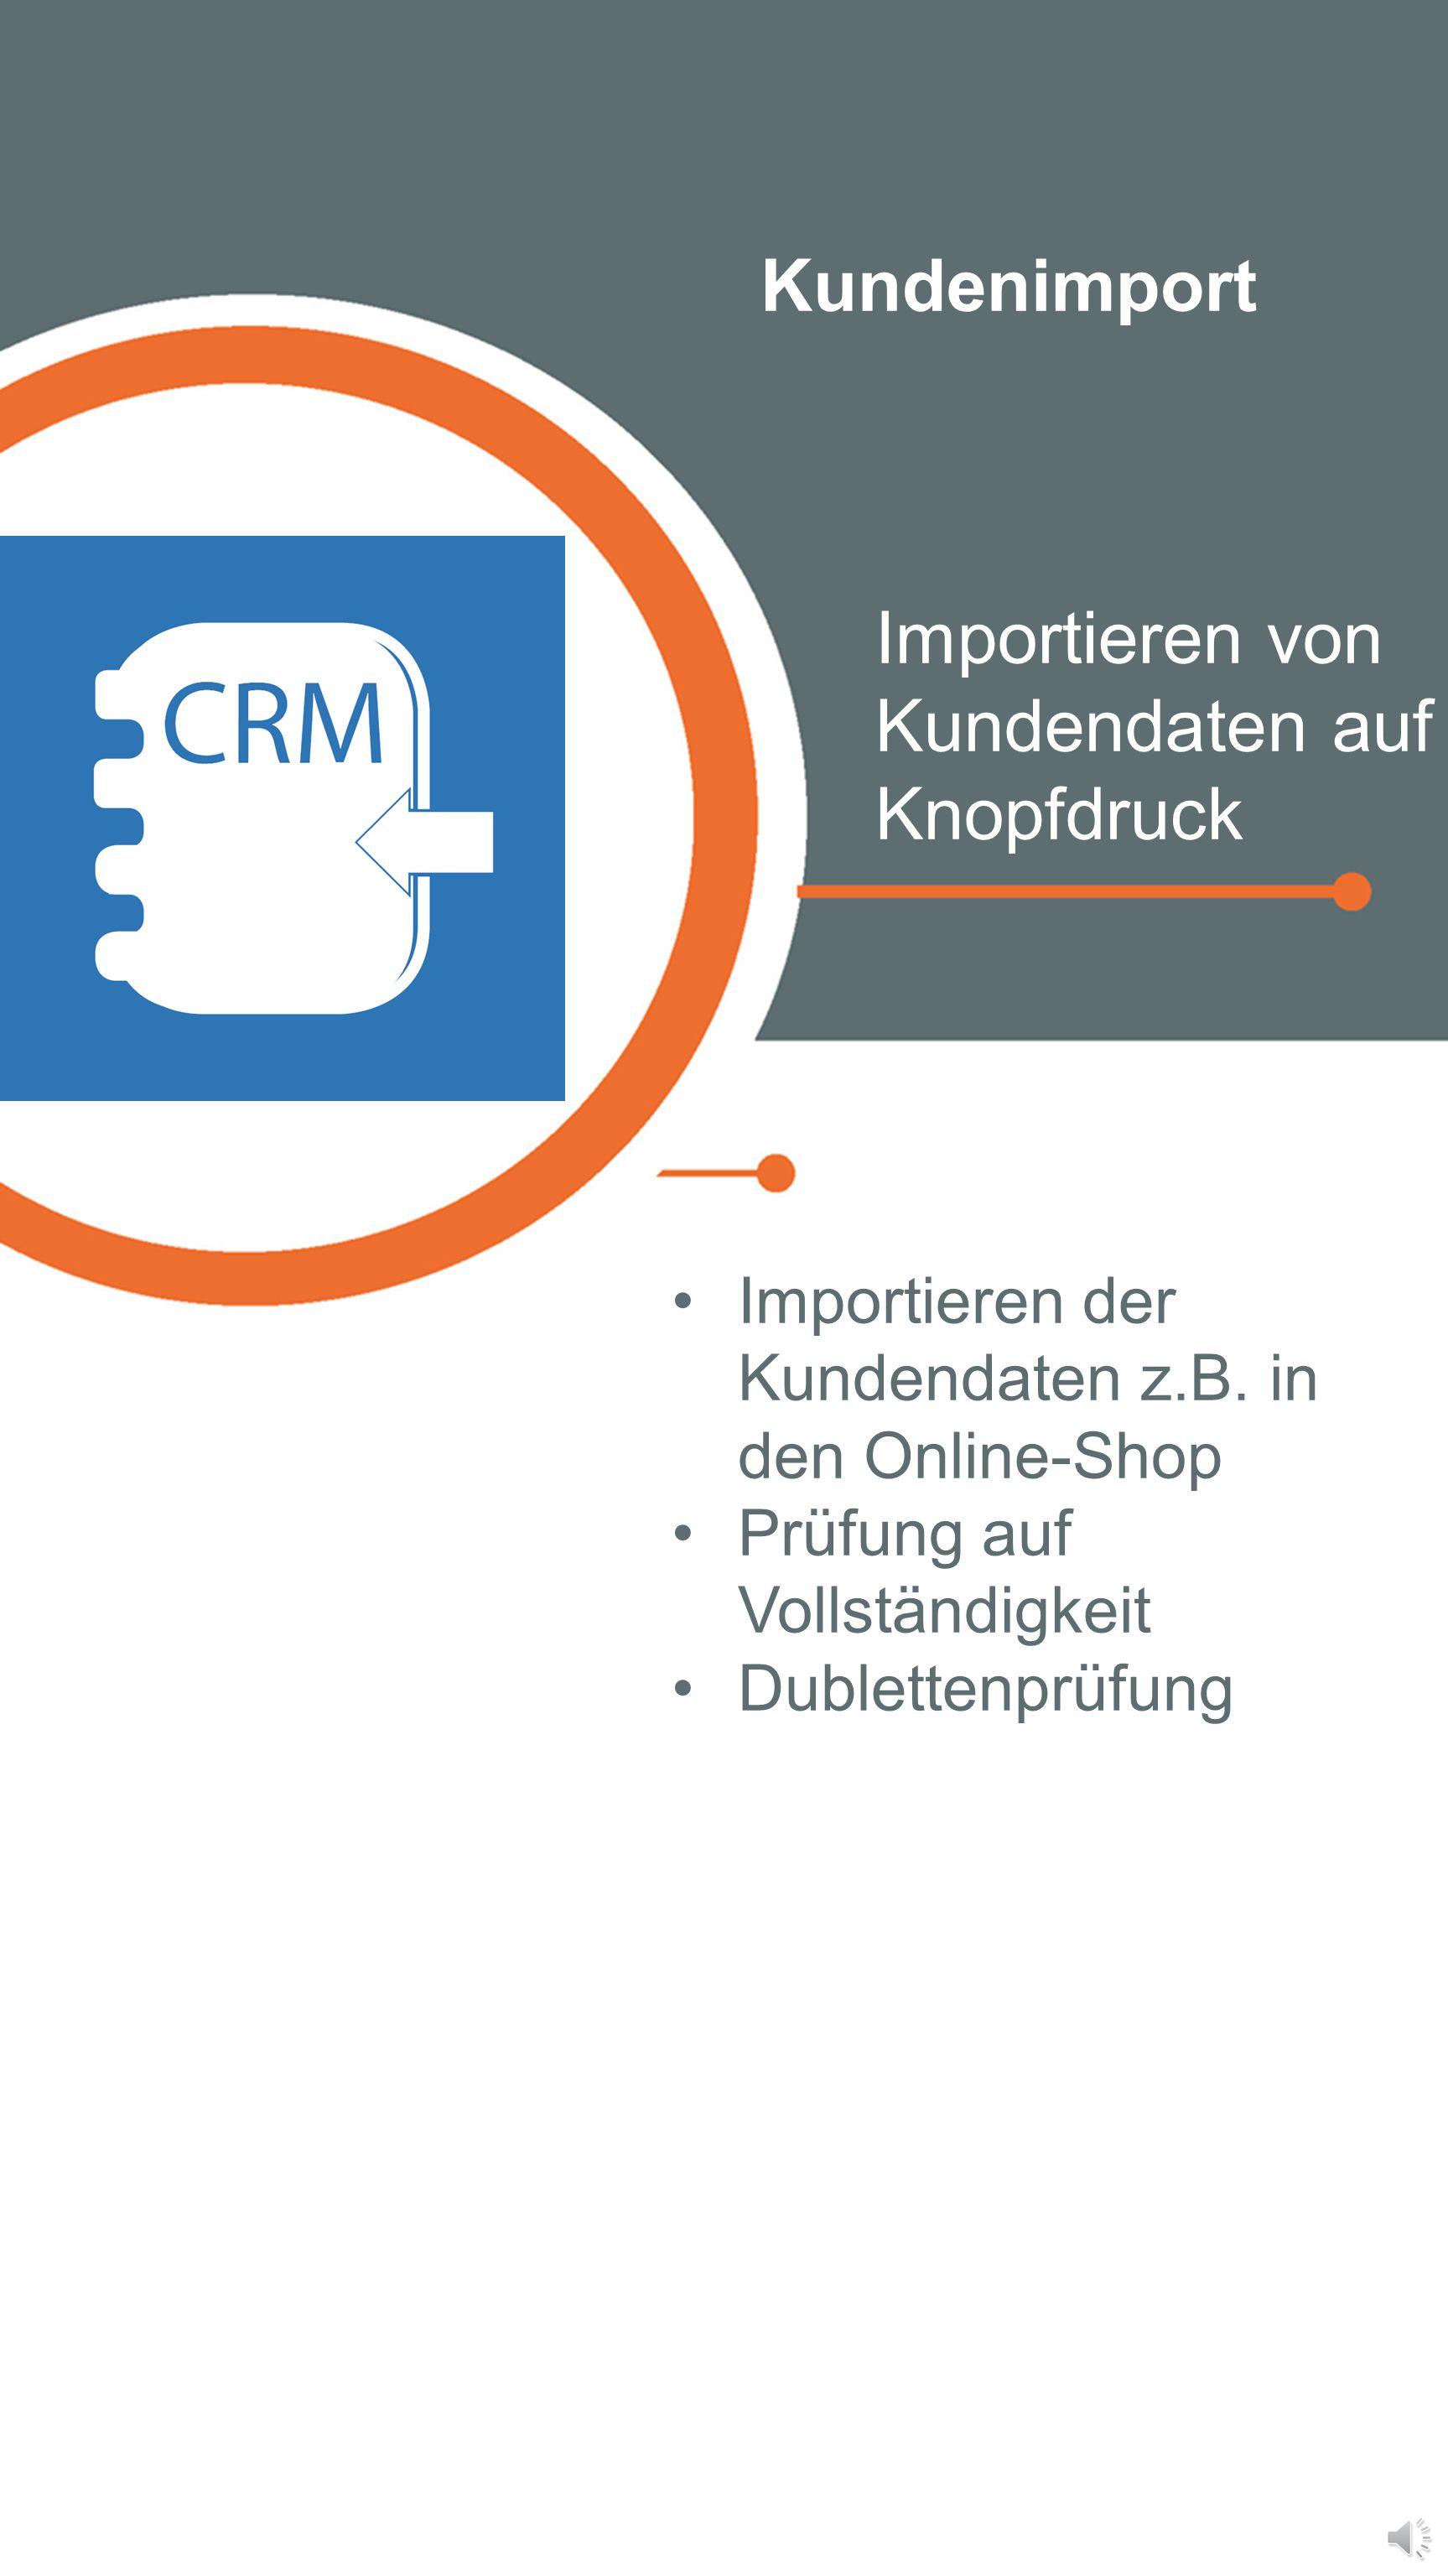 Importieren von Kundendaten auf Knopfdruck